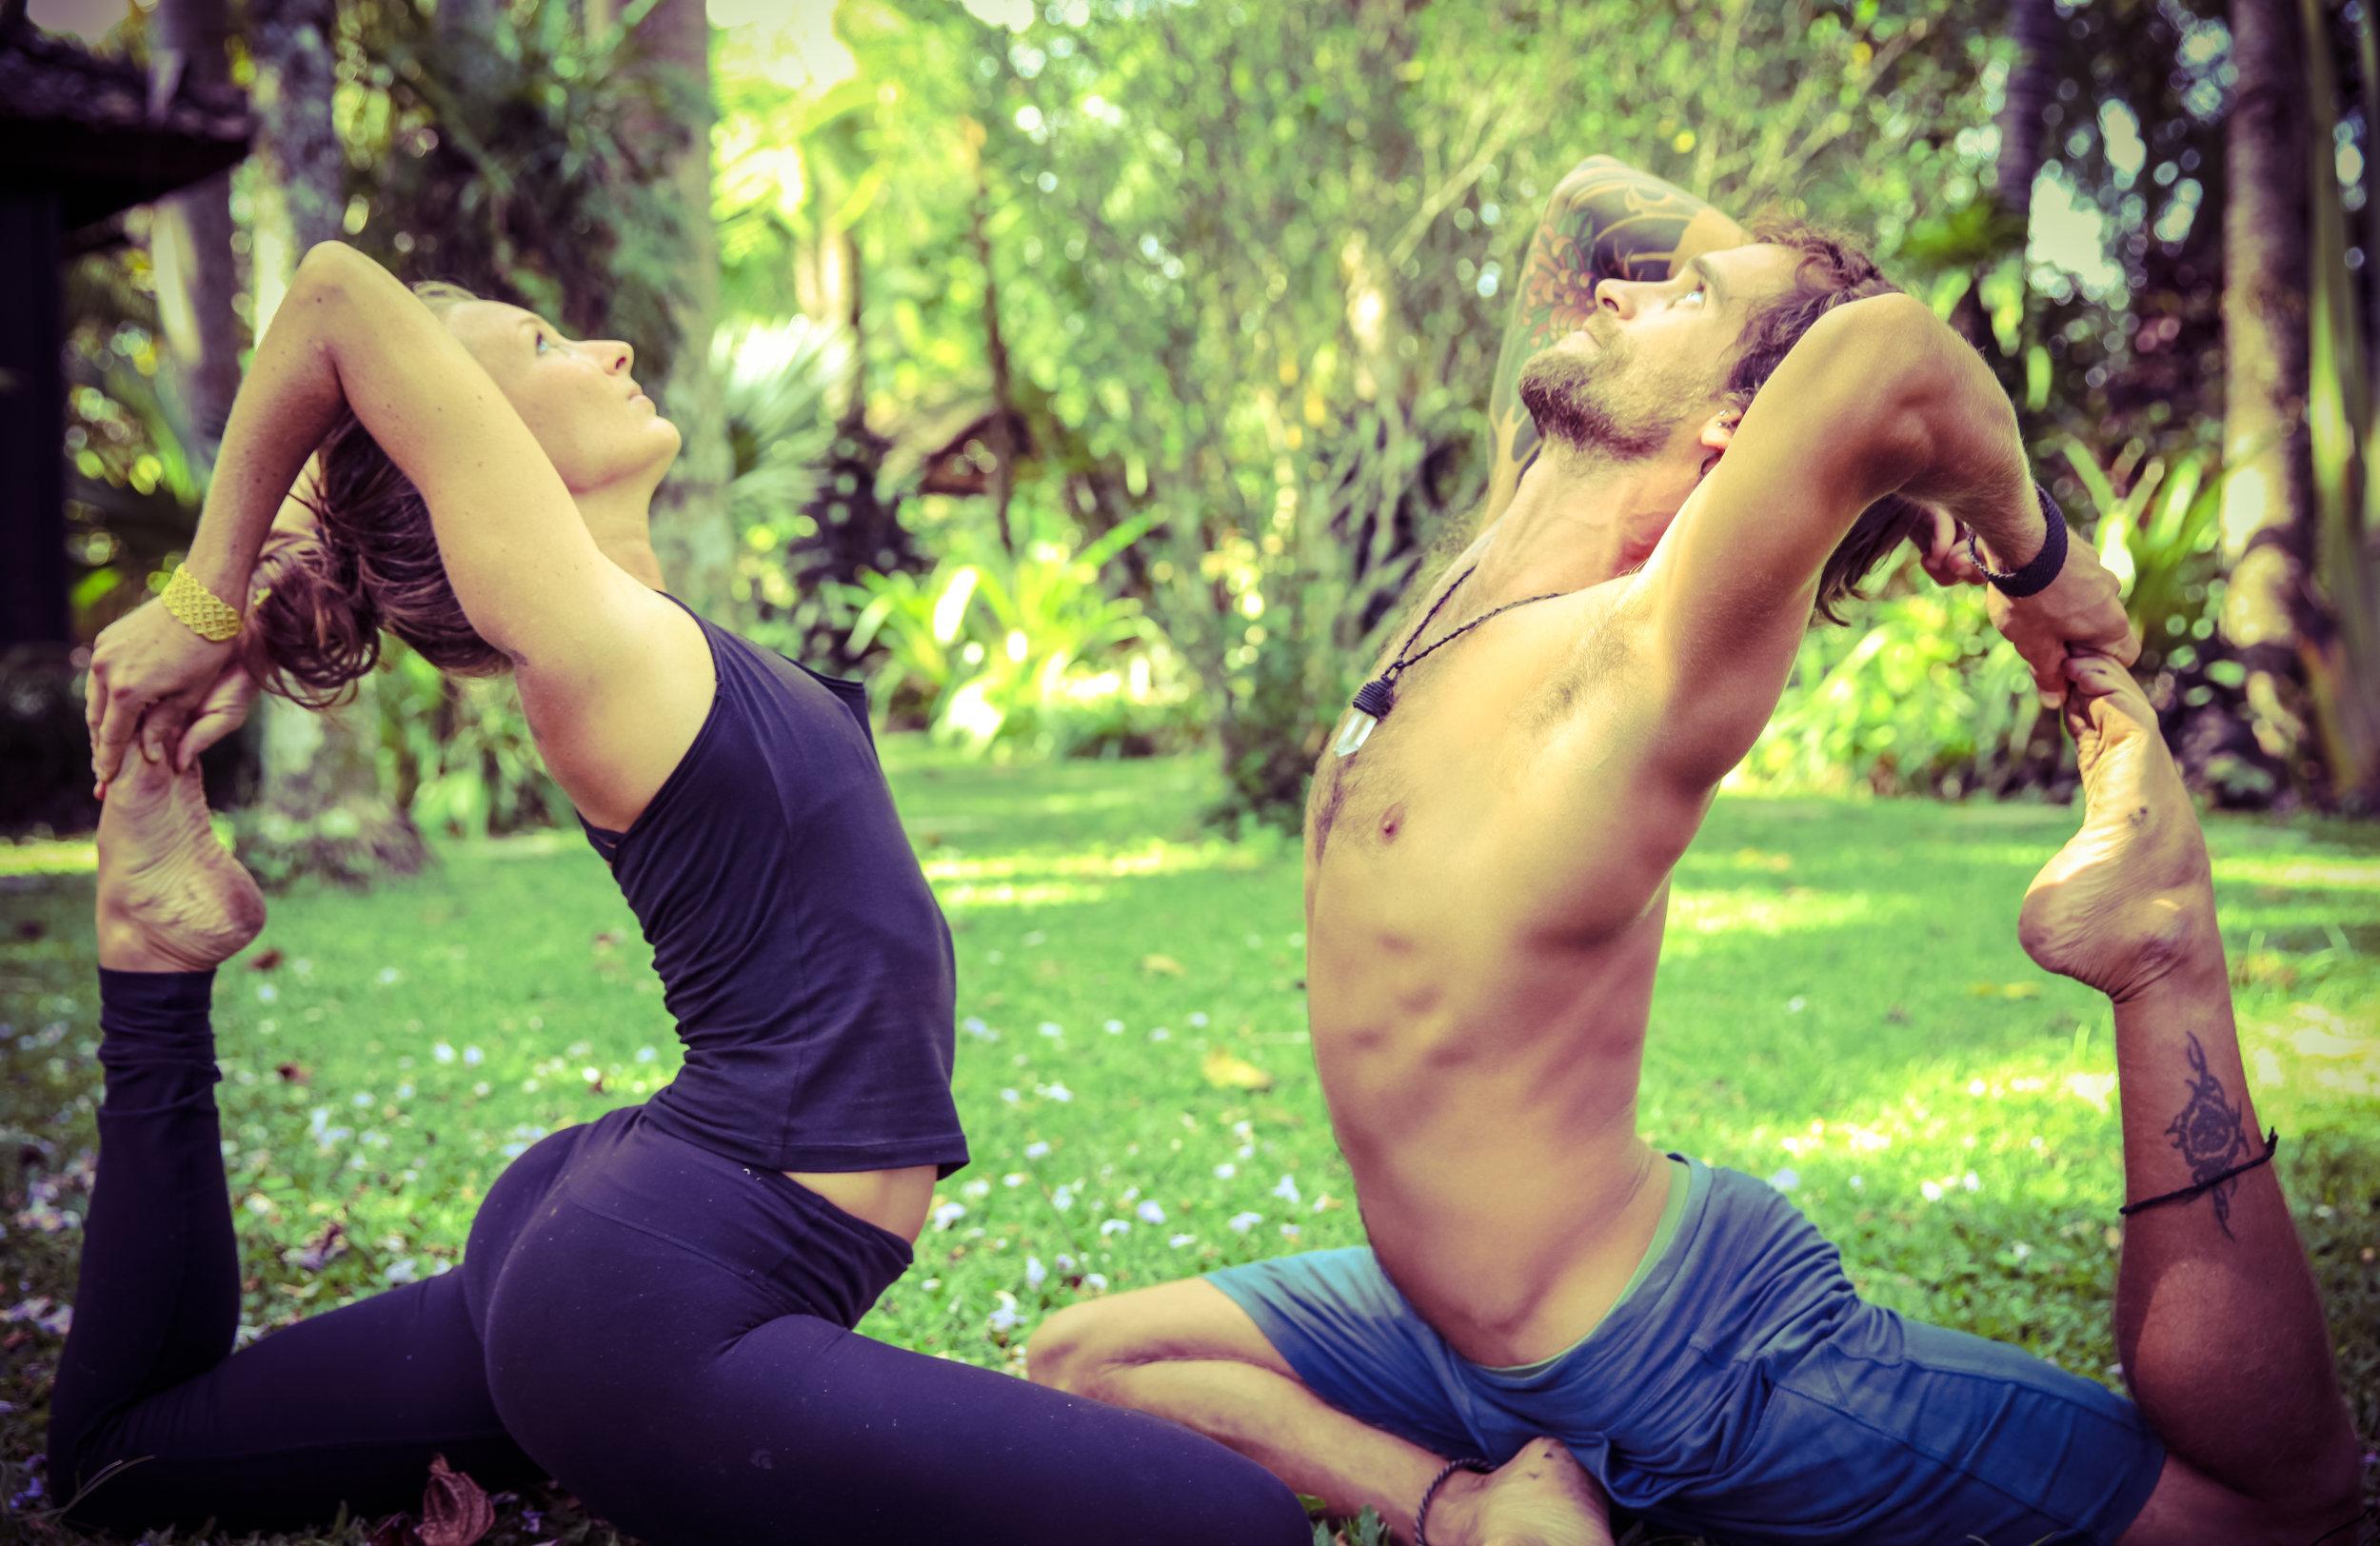 inspiro yoga bali heather bonker photography